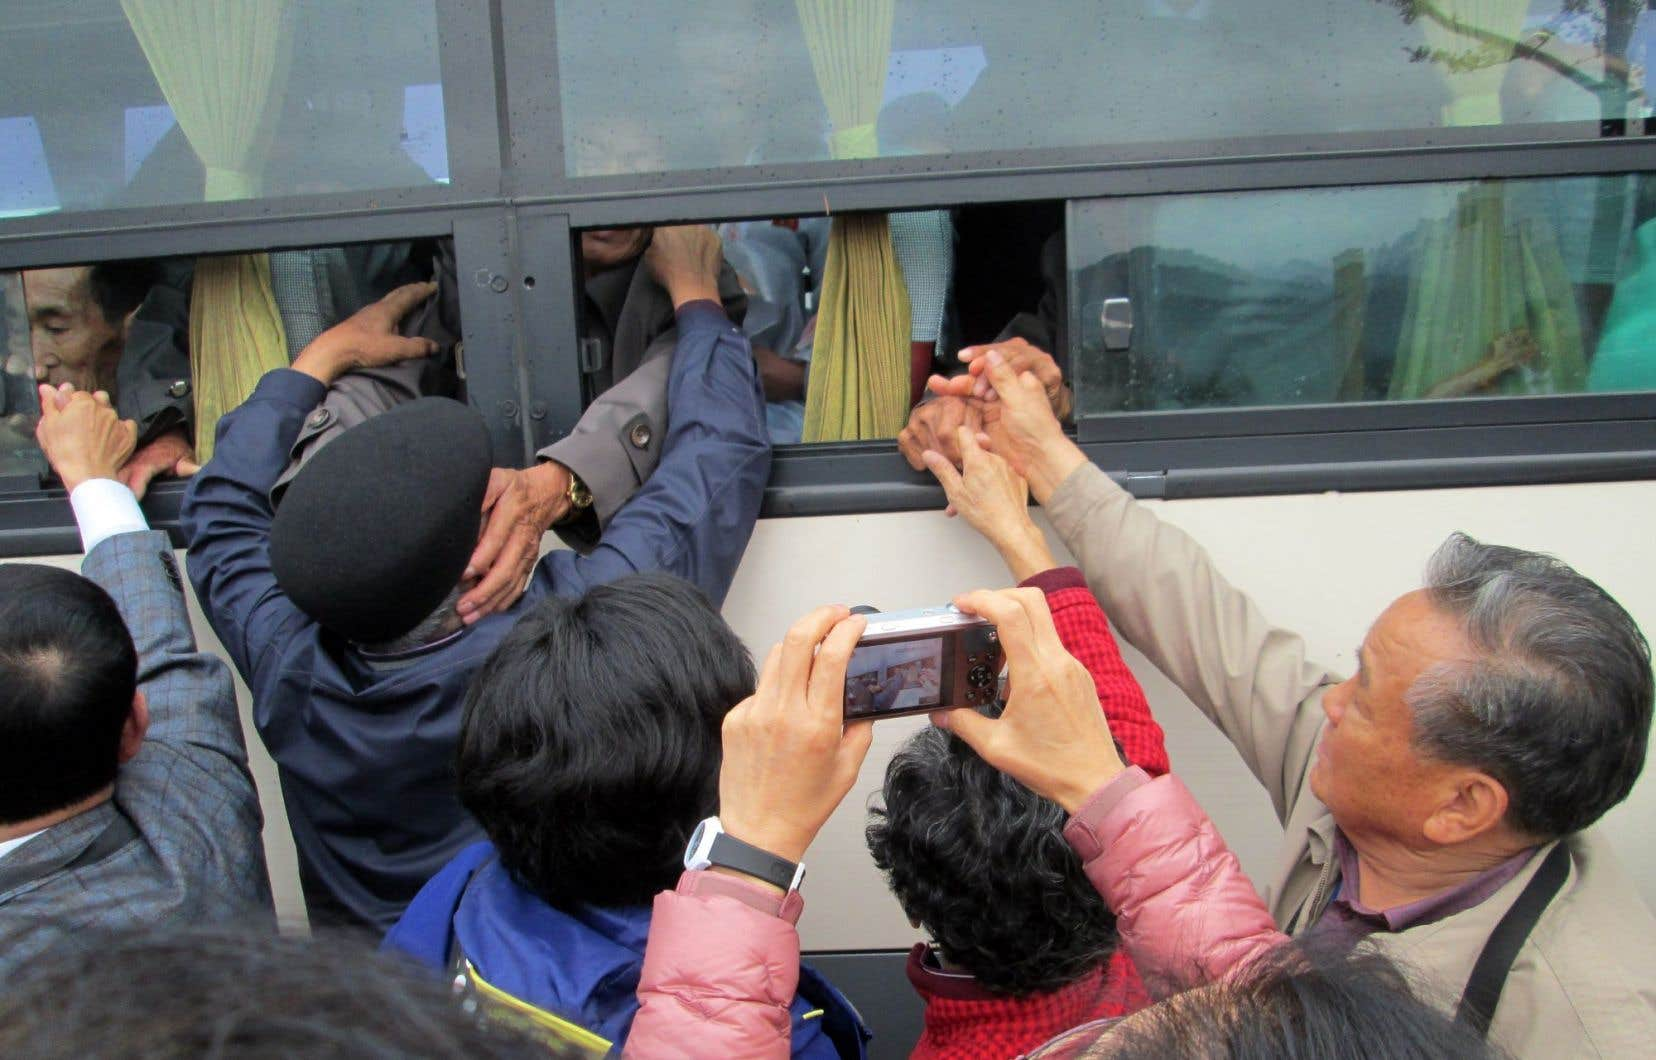 La réunion de quelques familles séparées par le conflit entre les Corées du Sud et du Nord ne dure que 12 heures.